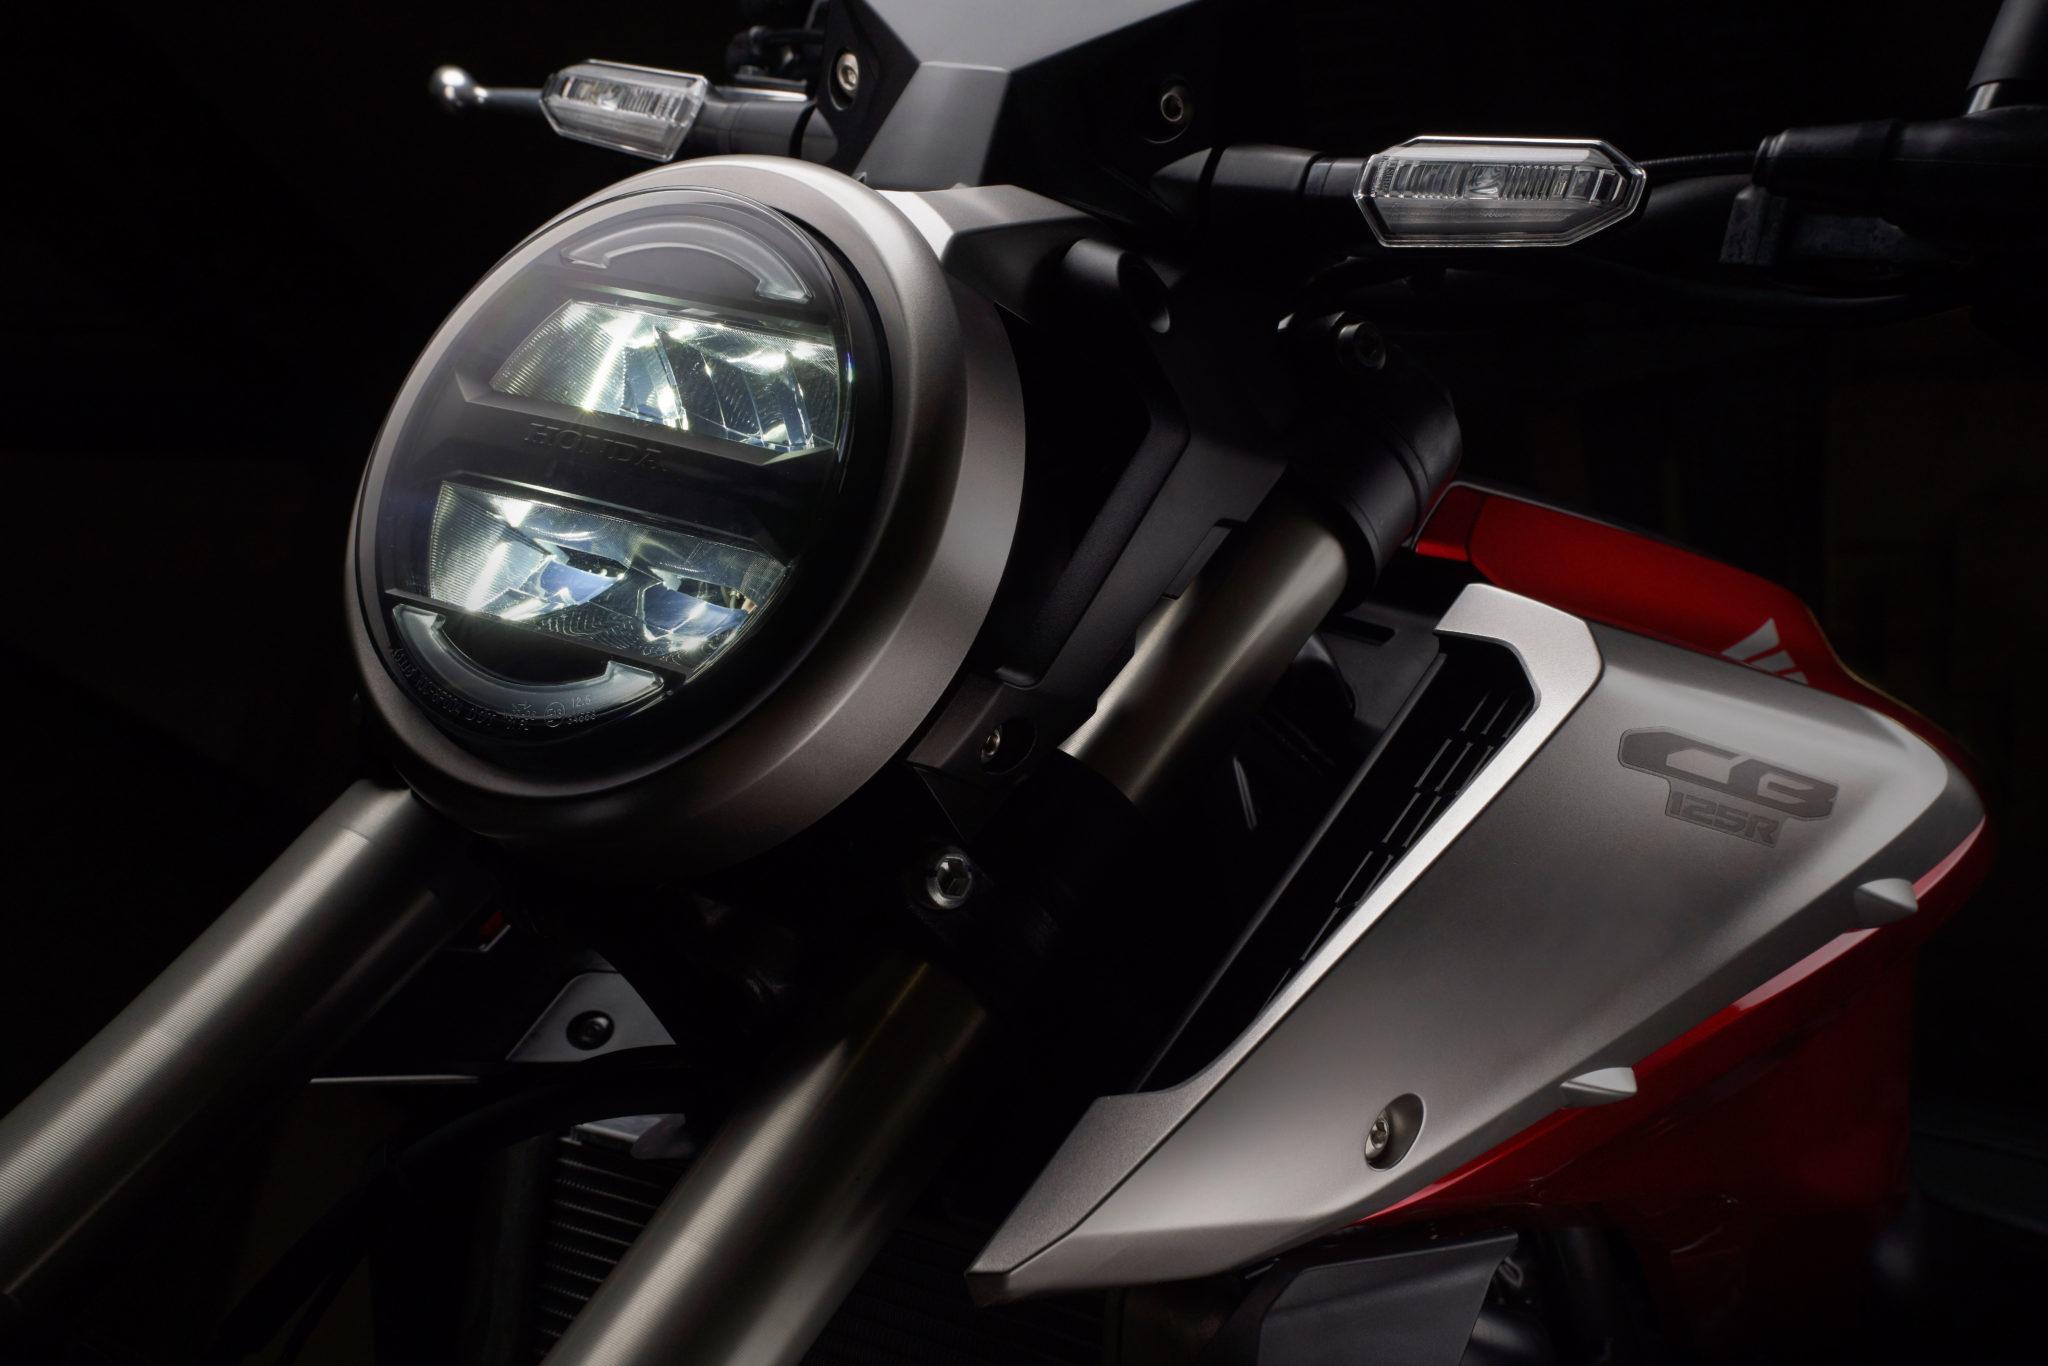 51138_Honda CB125R YM18 347